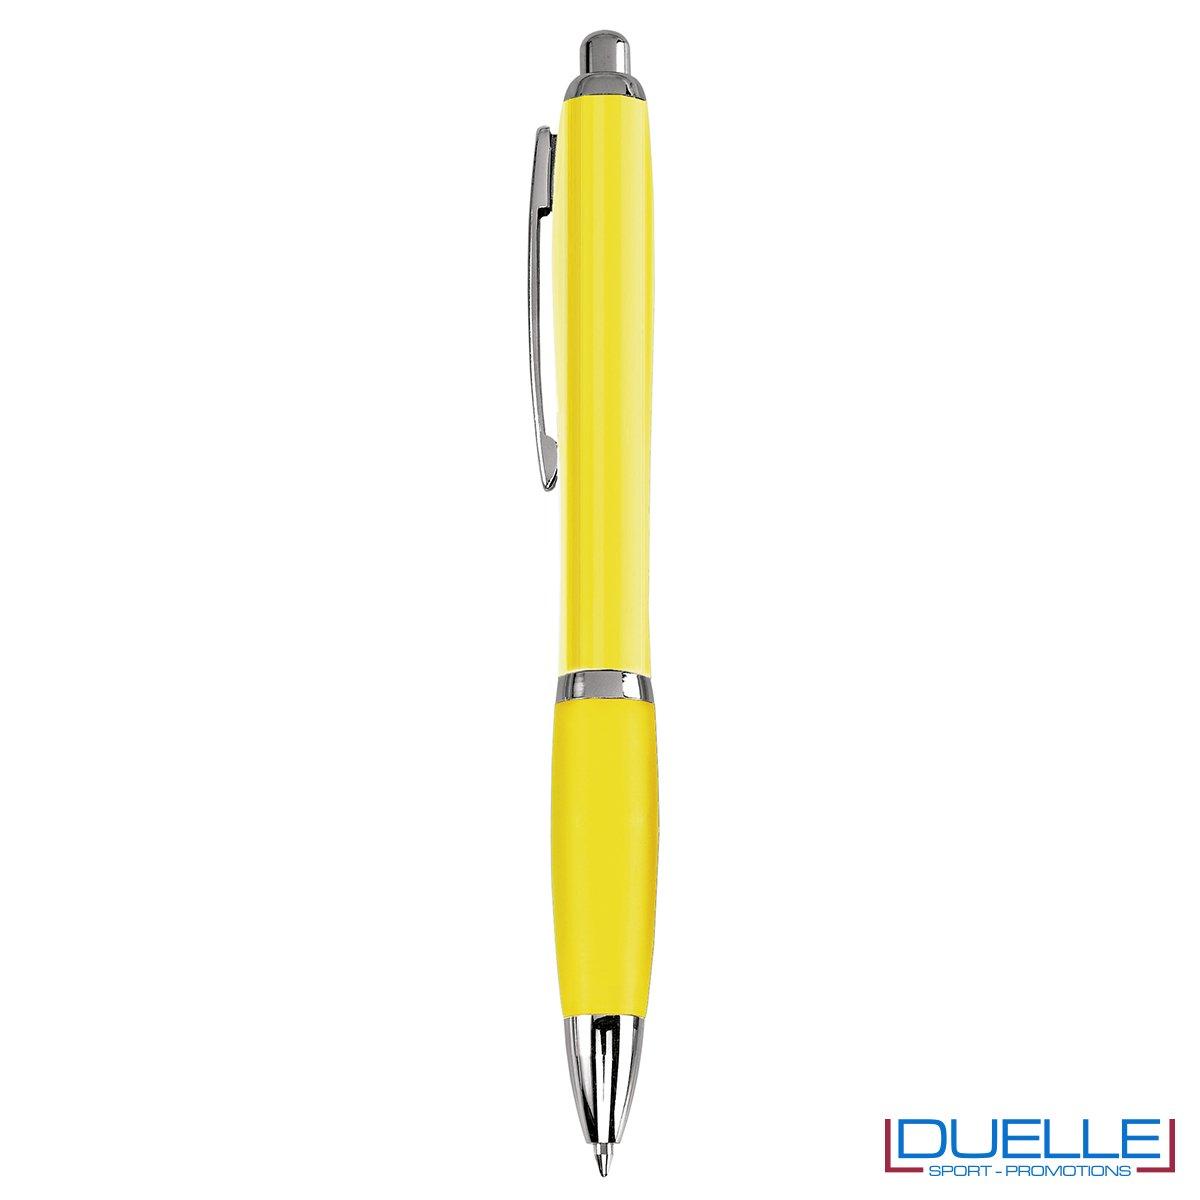 Penna economica personalizzata fusto traslucido colore giallo